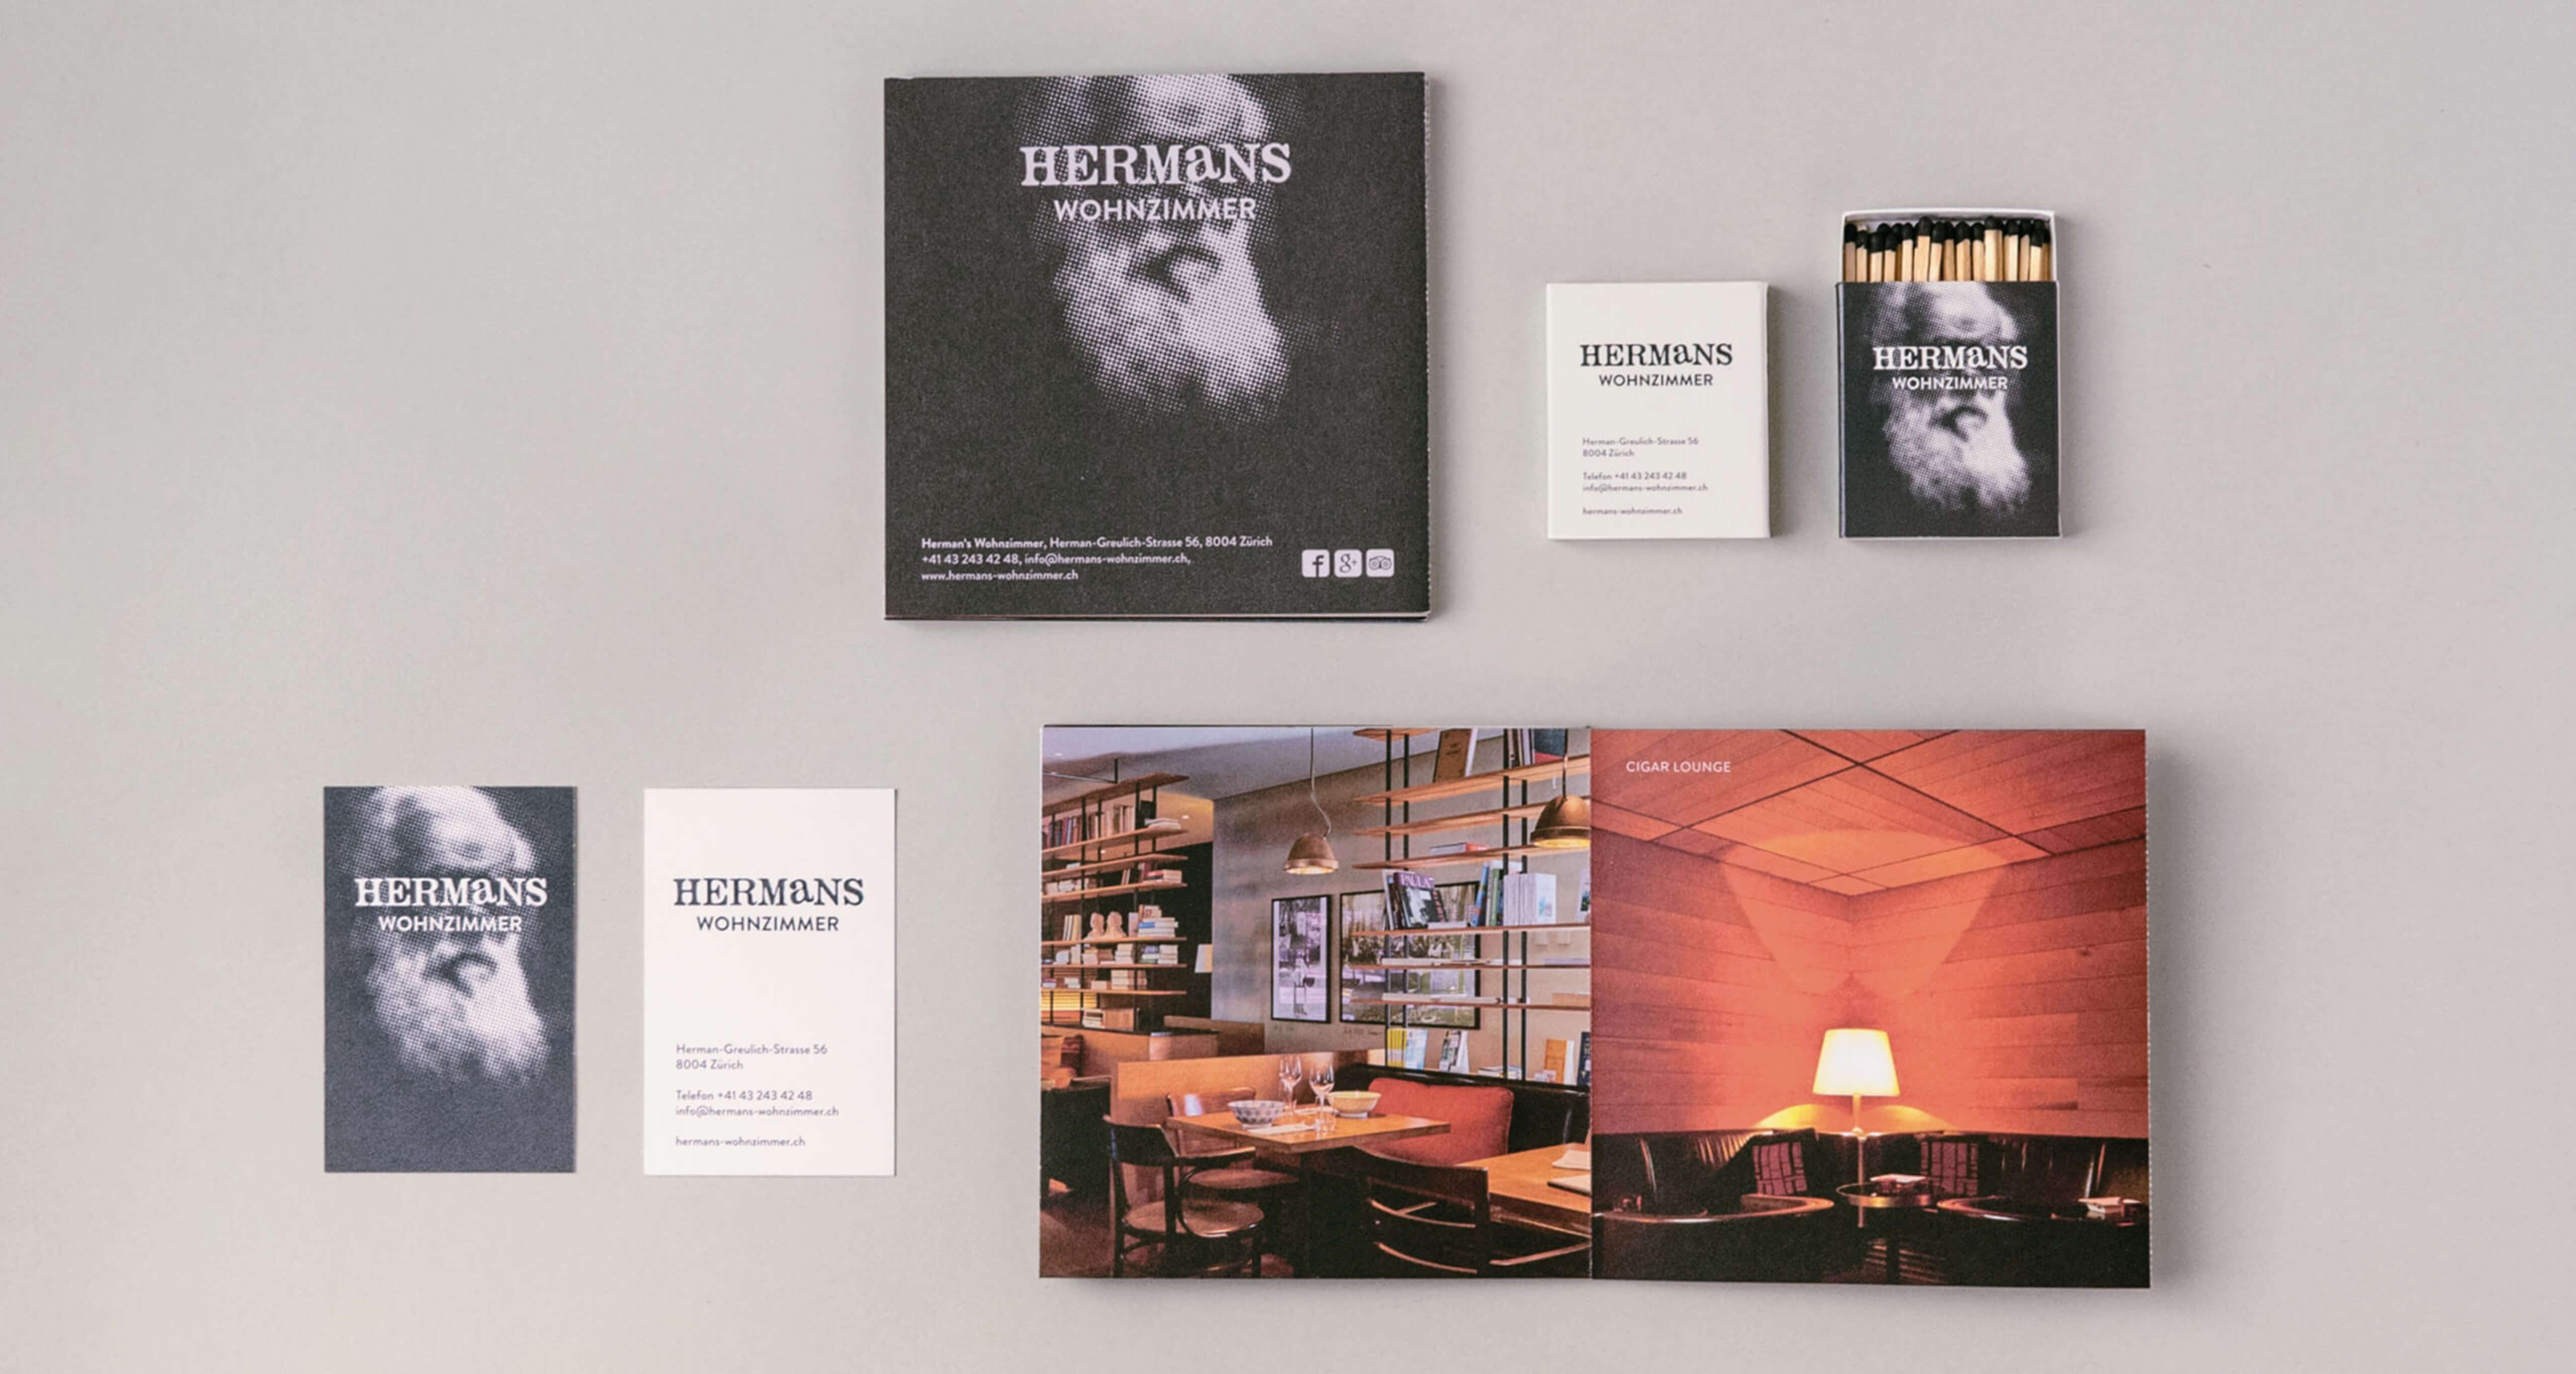 Ausstattung Hermans Wohnzimmer